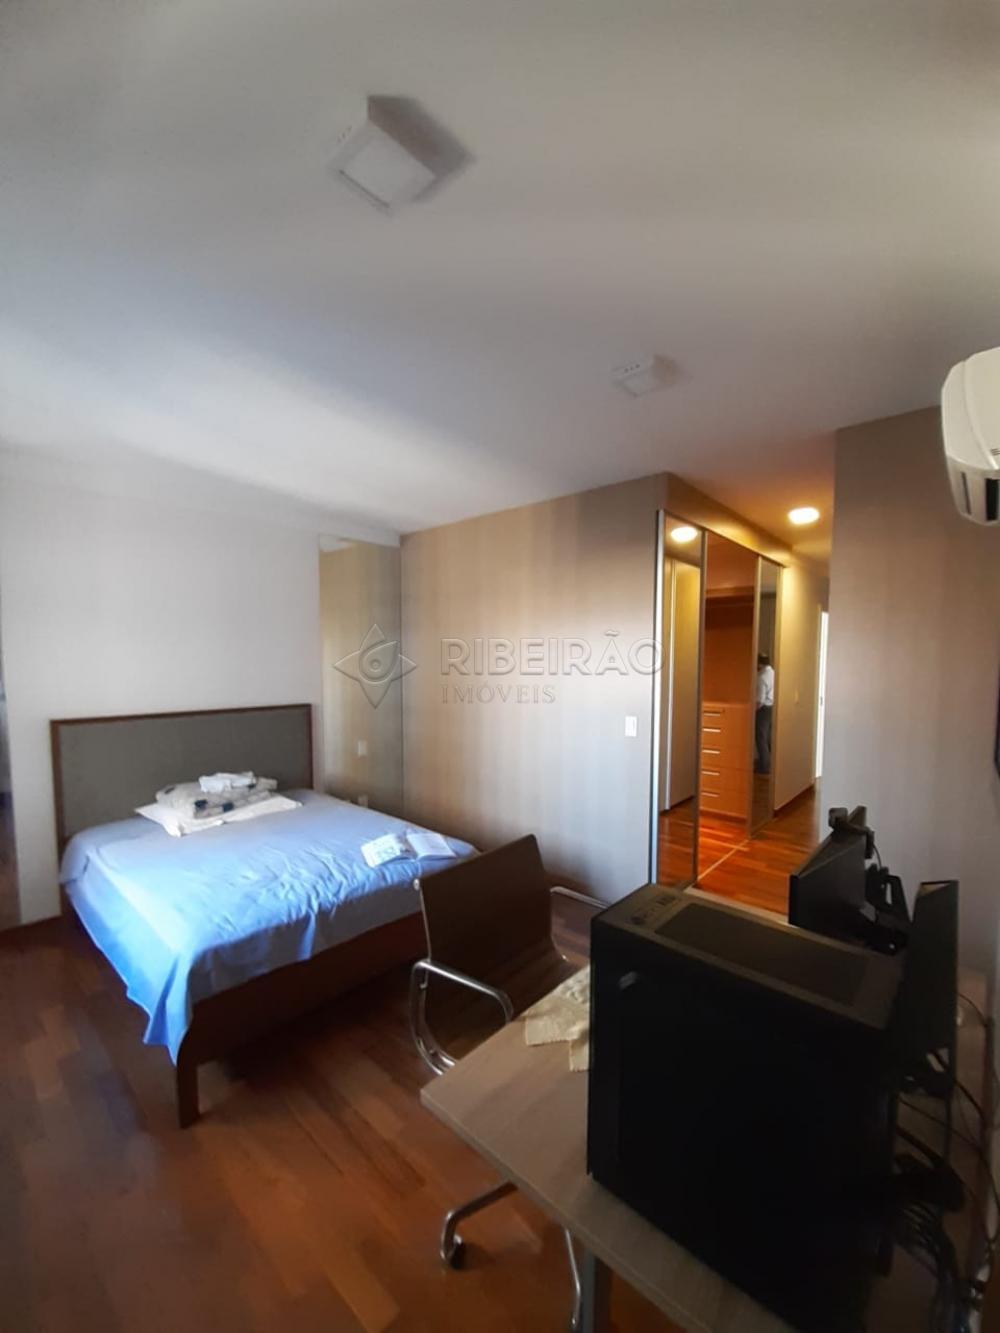 Comprar Apartamento / Padrão em Ribeirão Preto apenas R$ 1.400.000,00 - Foto 25